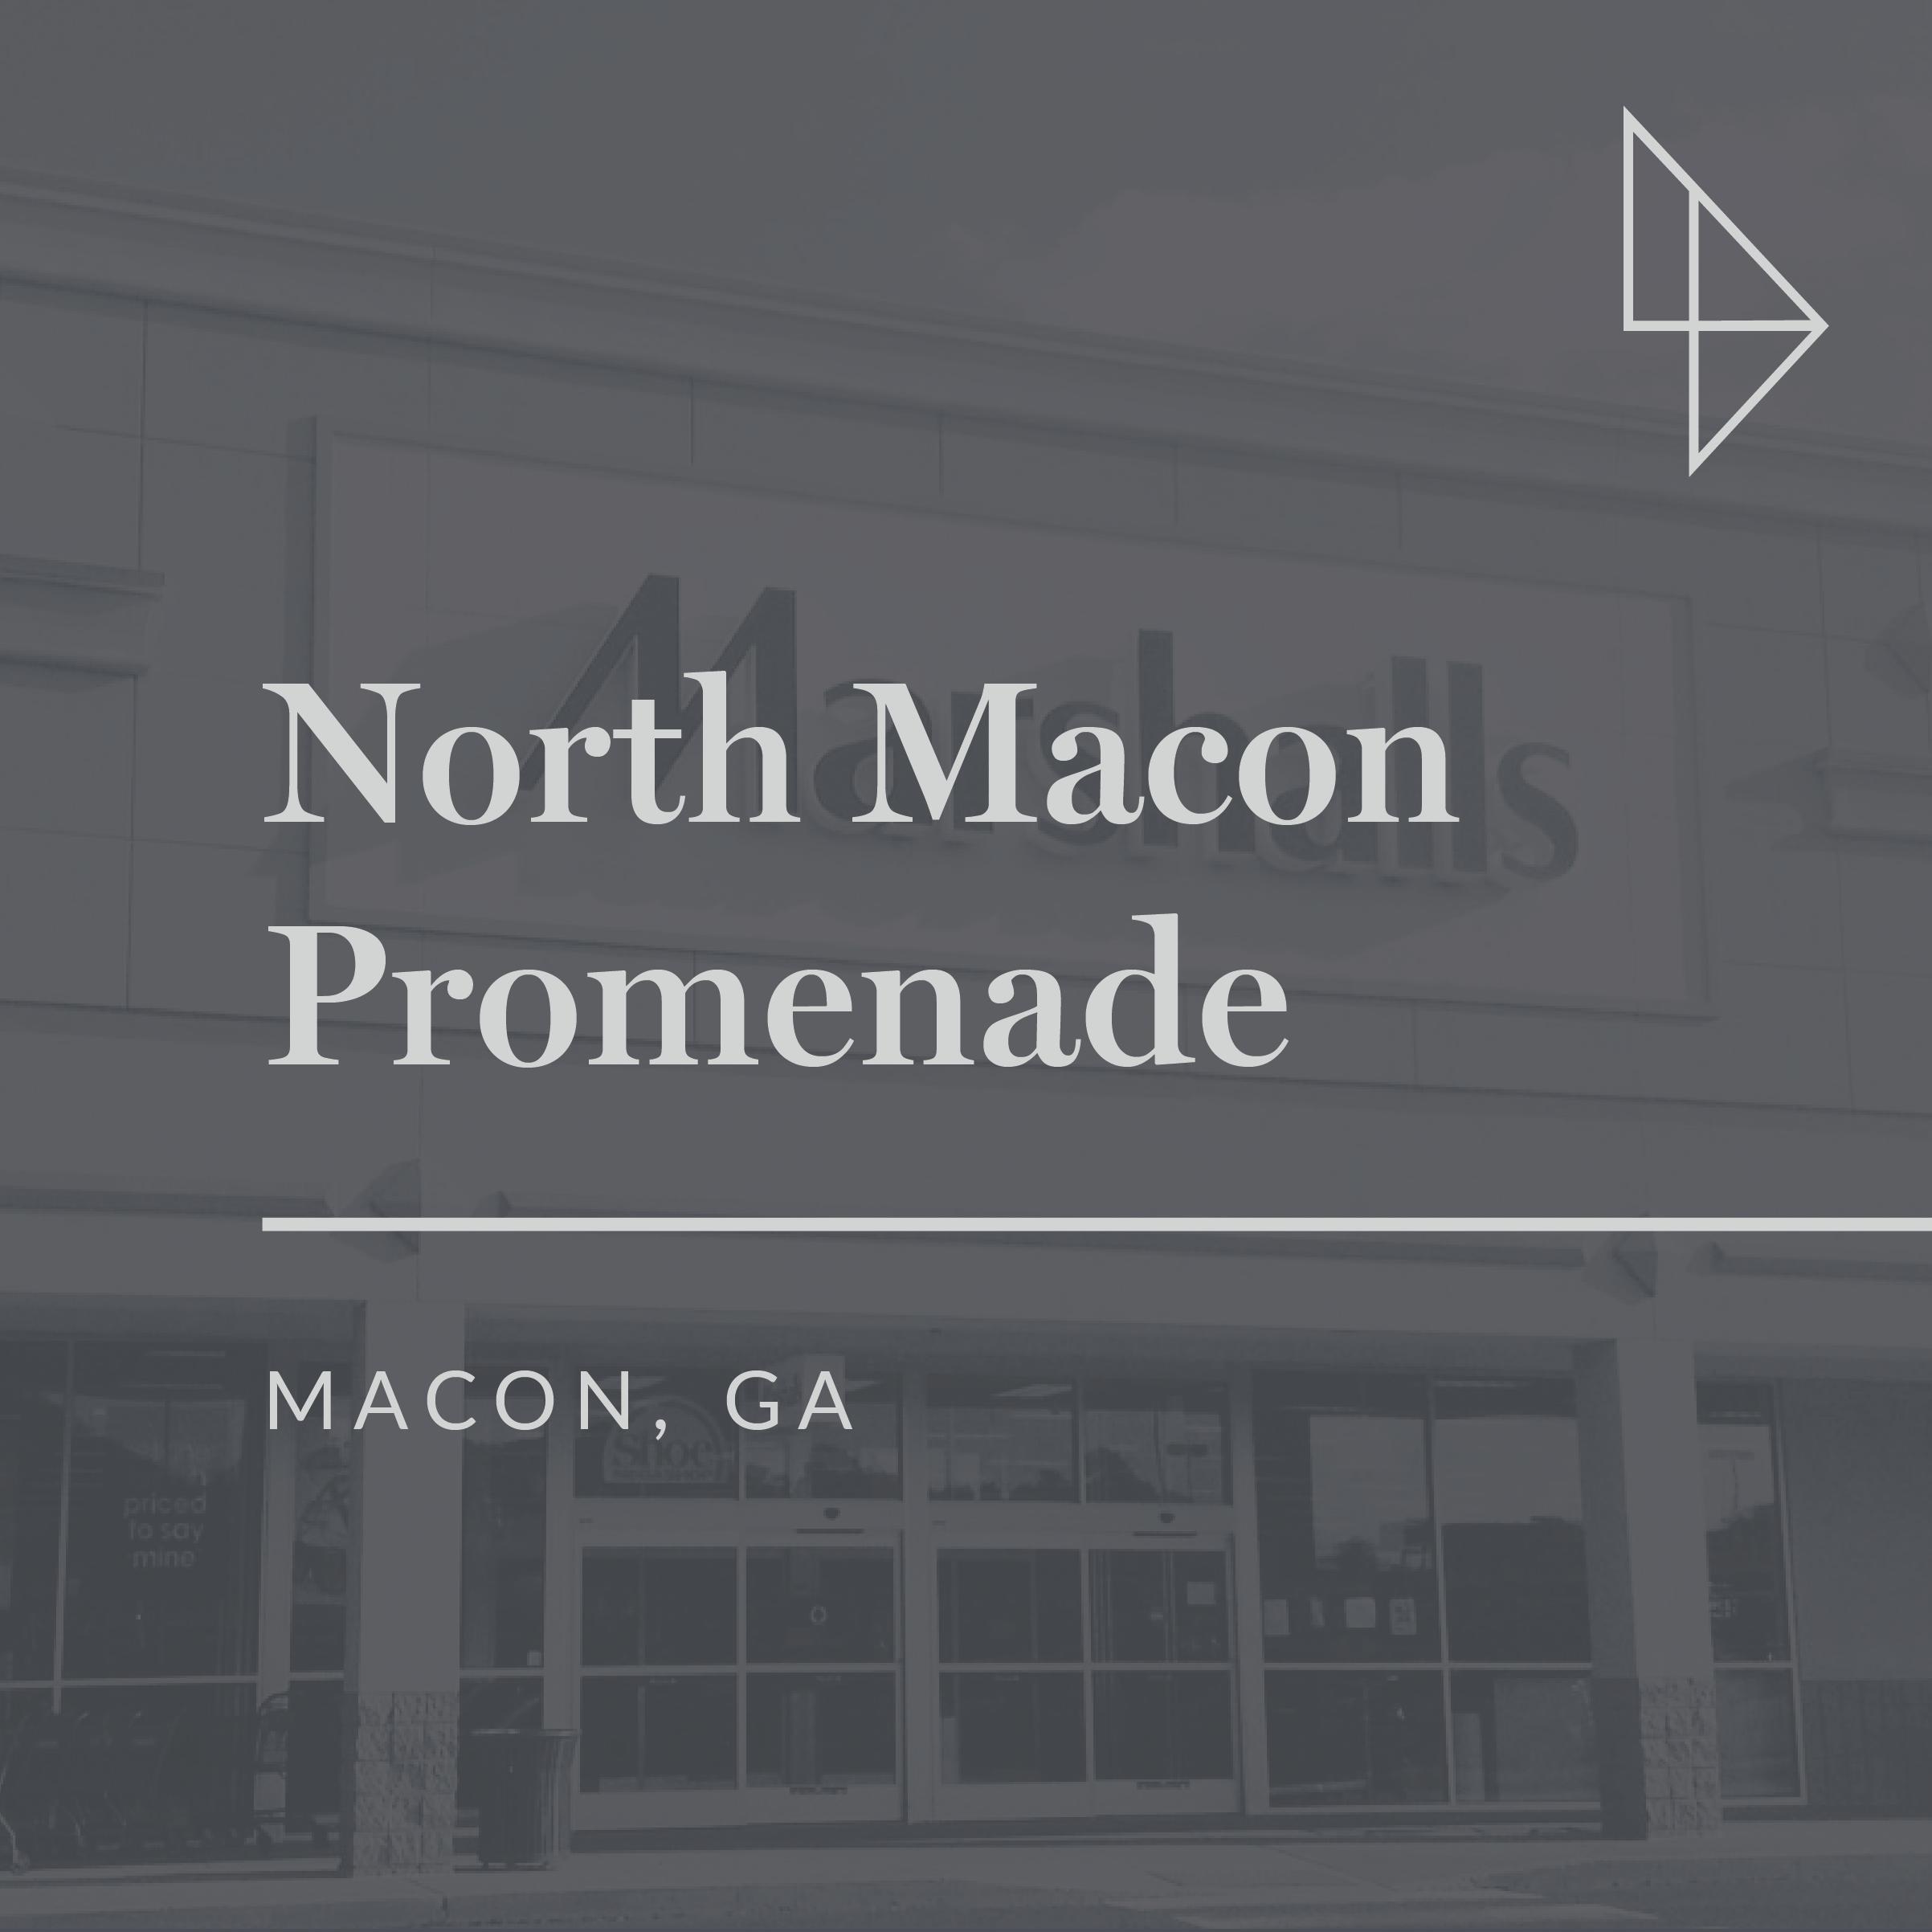 NorthMaconPromenade